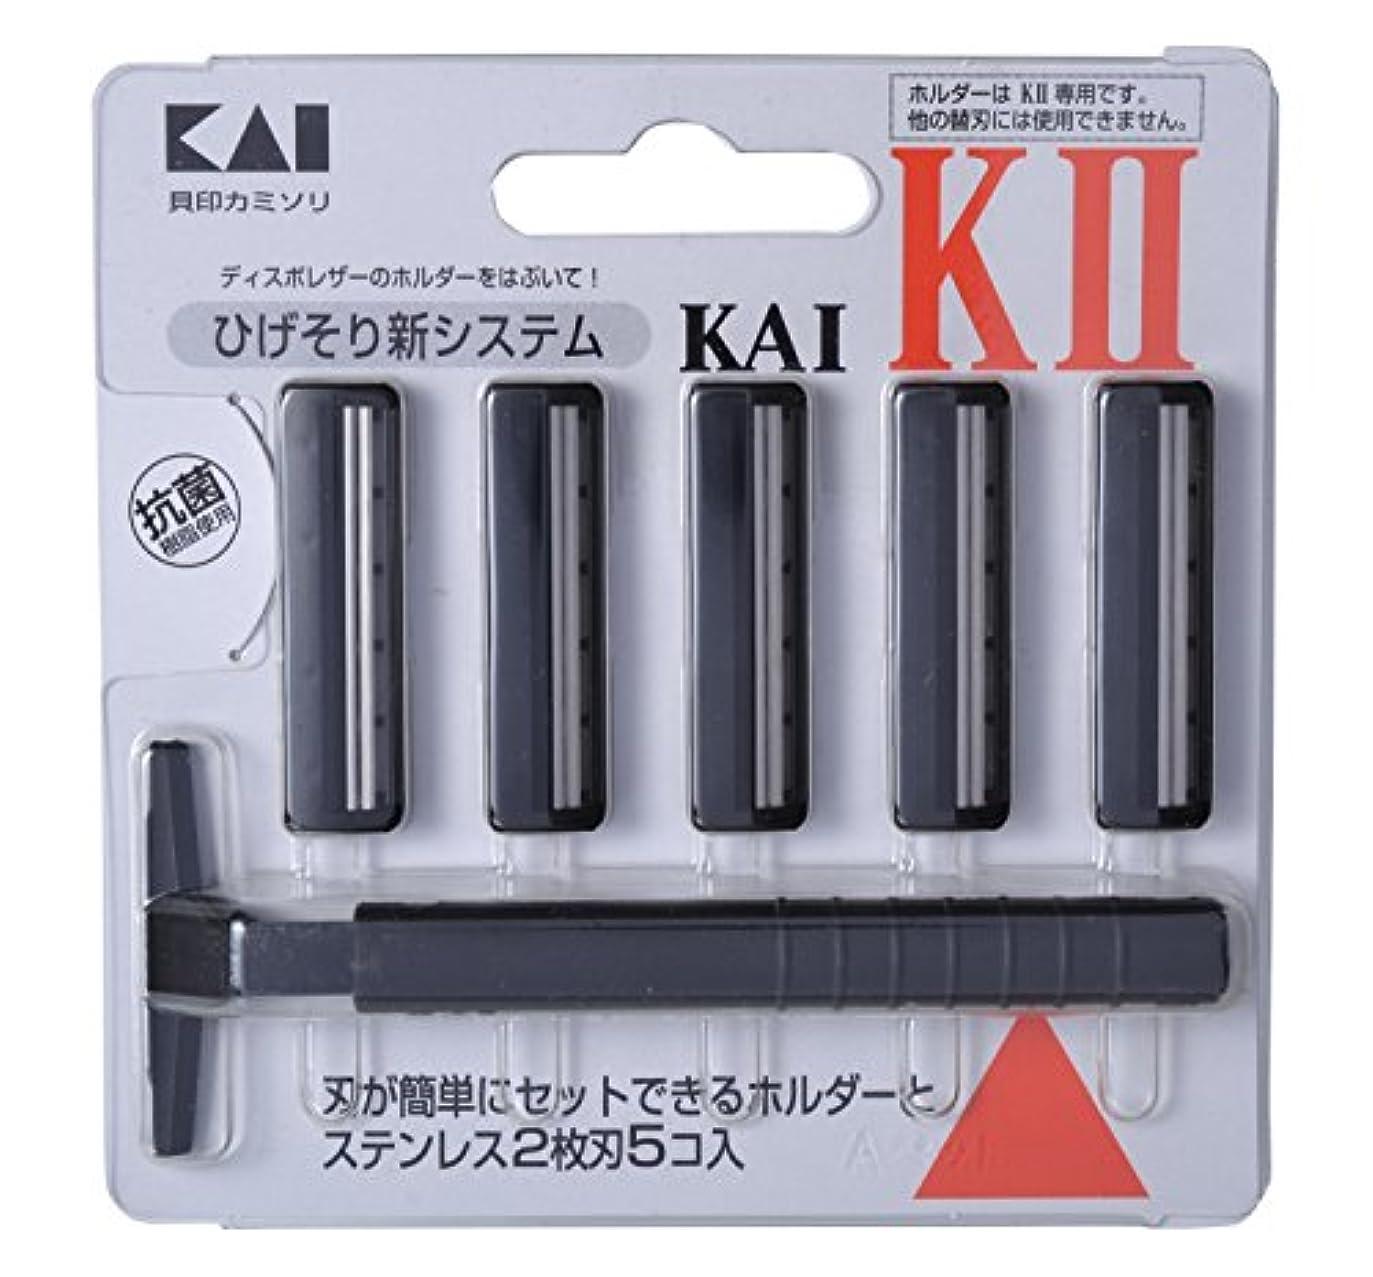 遺伝子アシュリータファーマン主導権KAI K-II